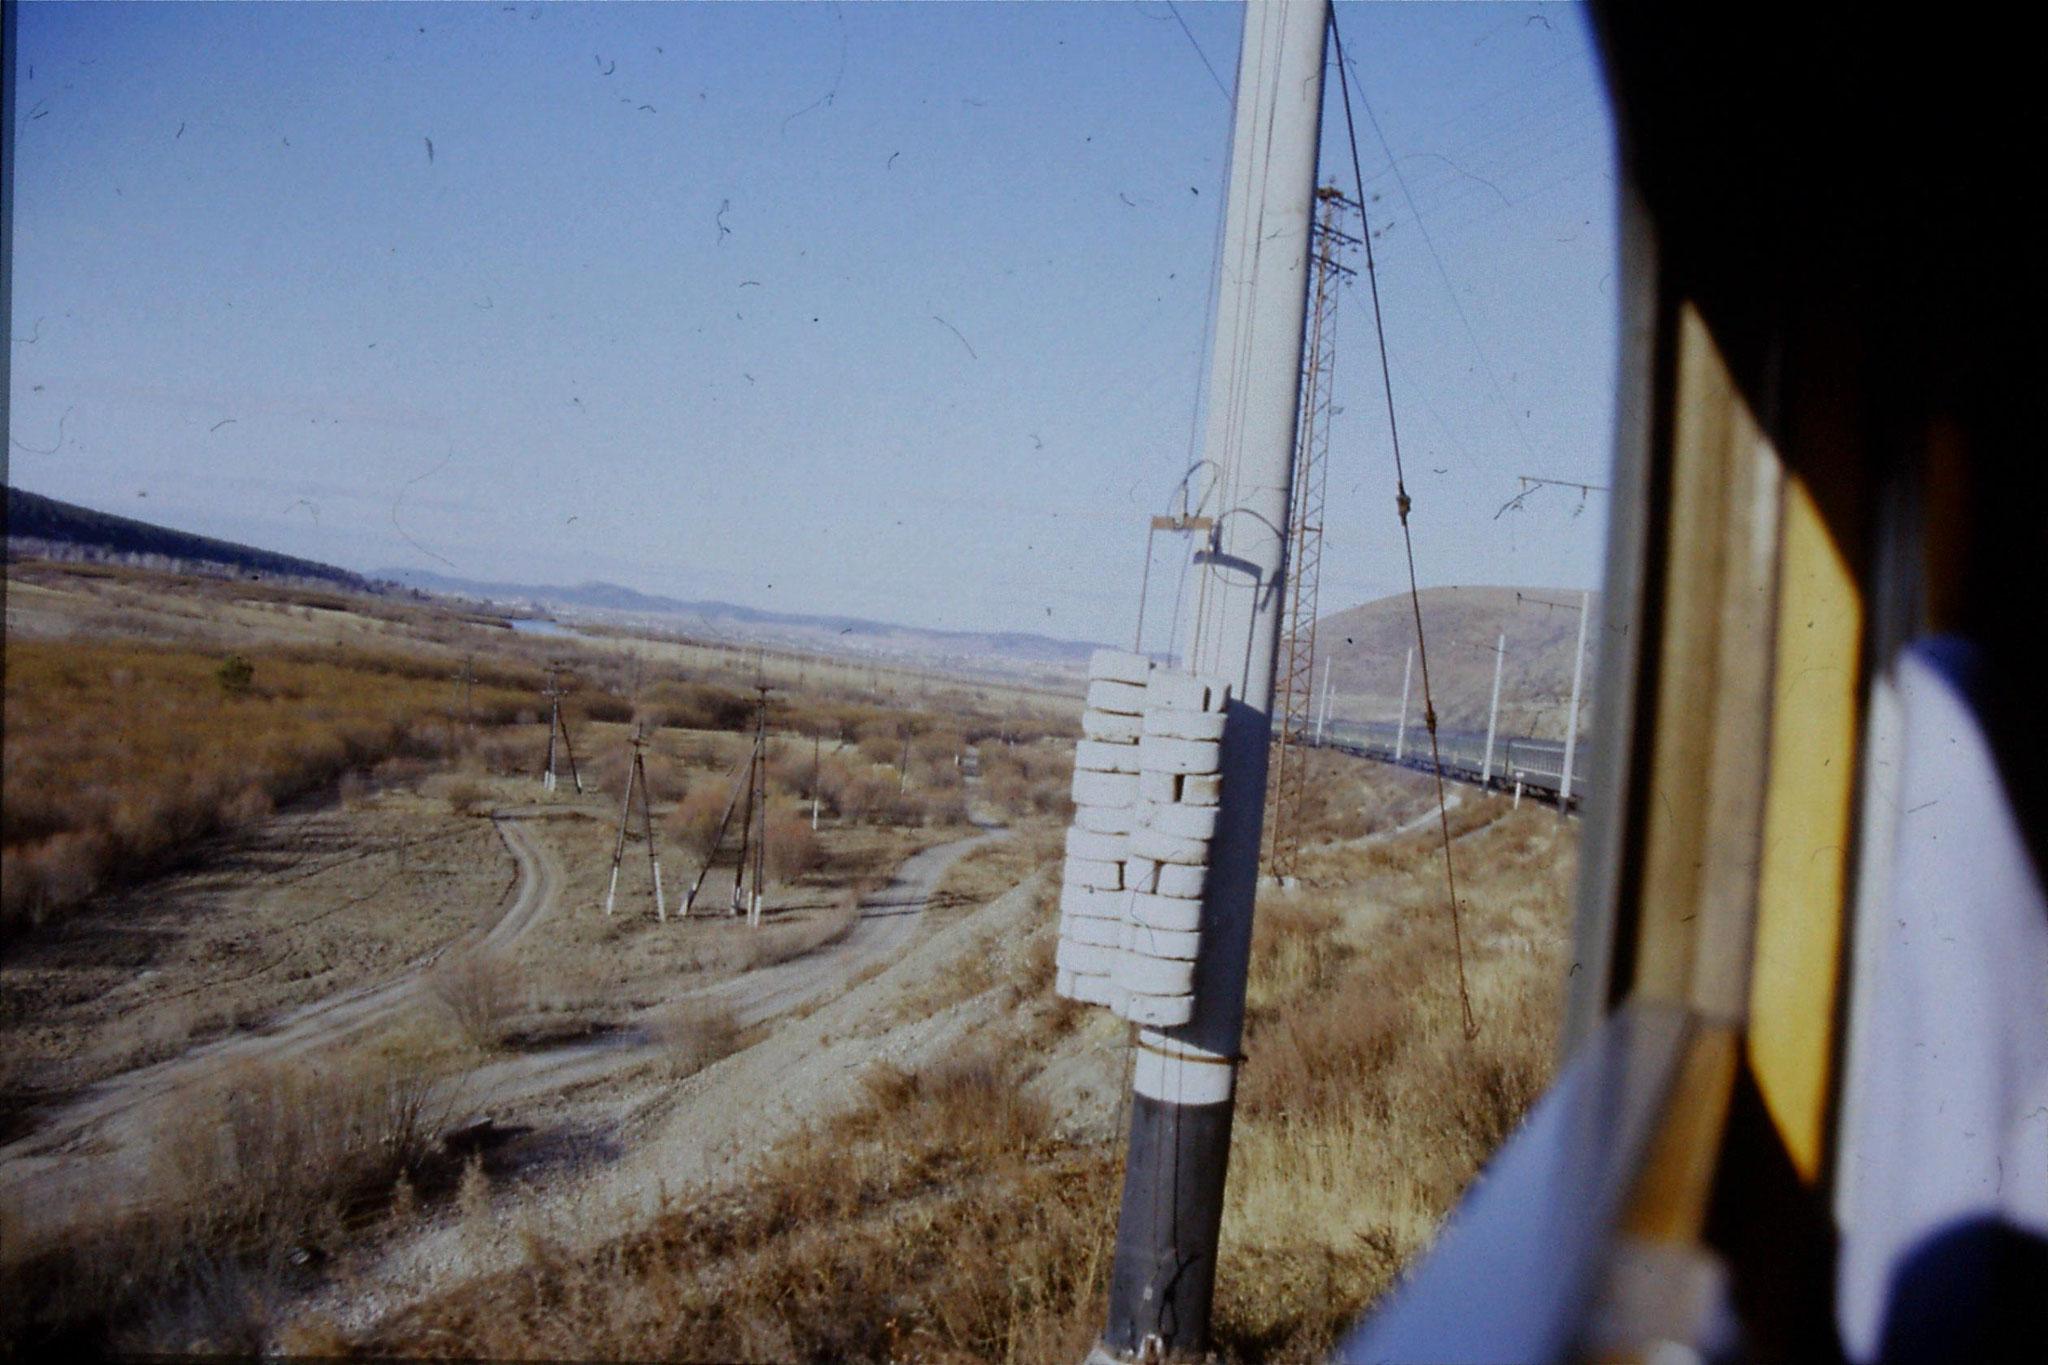 26/10/1988: 10: looking back towards Karimskaya